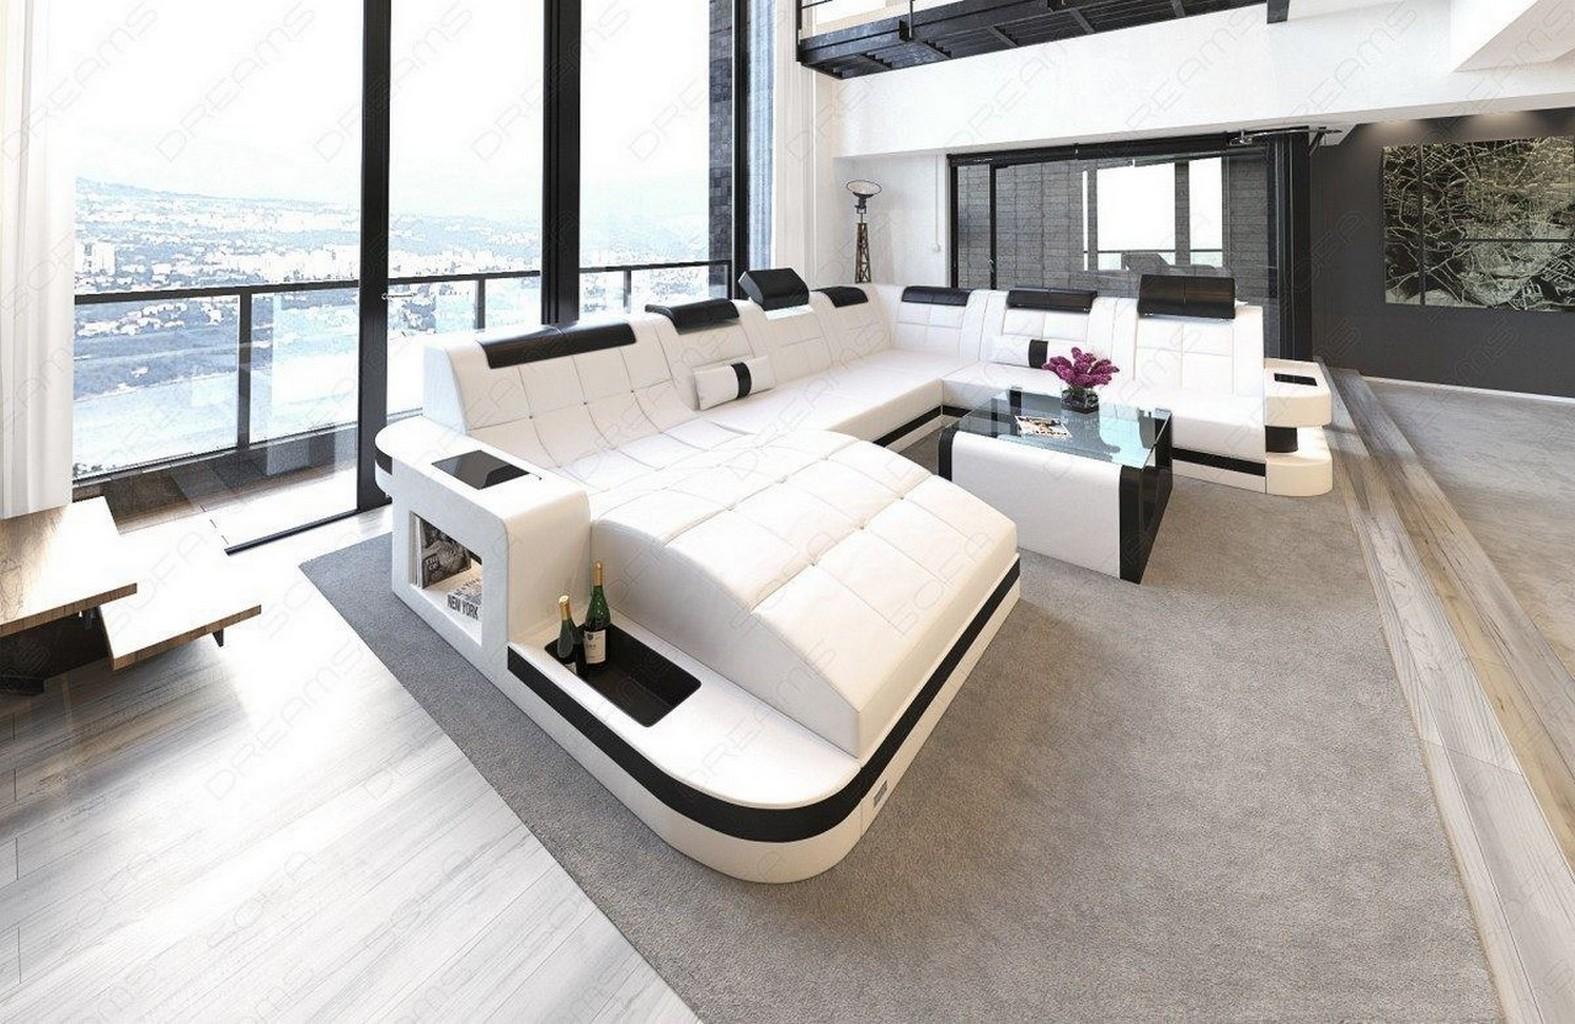 xxl sectional sofa wave modern corner sofa led lights. Black Bedroom Furniture Sets. Home Design Ideas